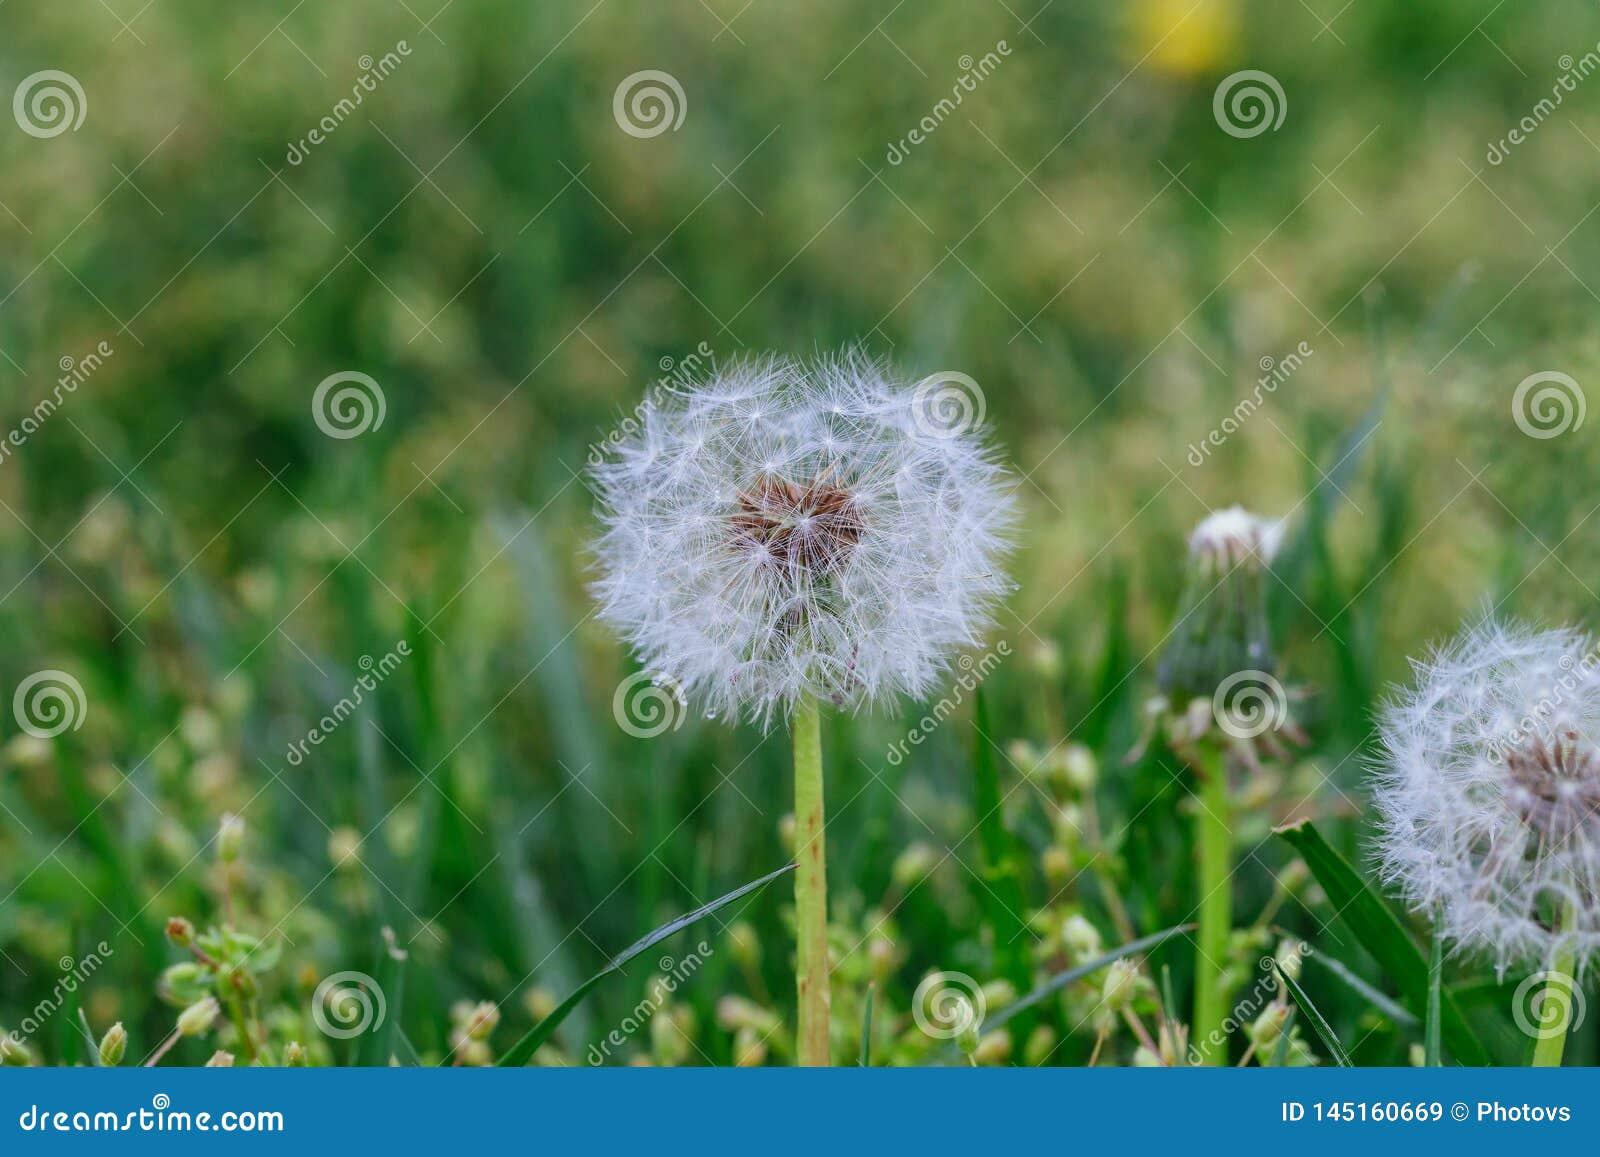 Cabeça da semente do dente-de-leão nas flores brancas do prado macro obscuro do close-up do fundo na grama verde